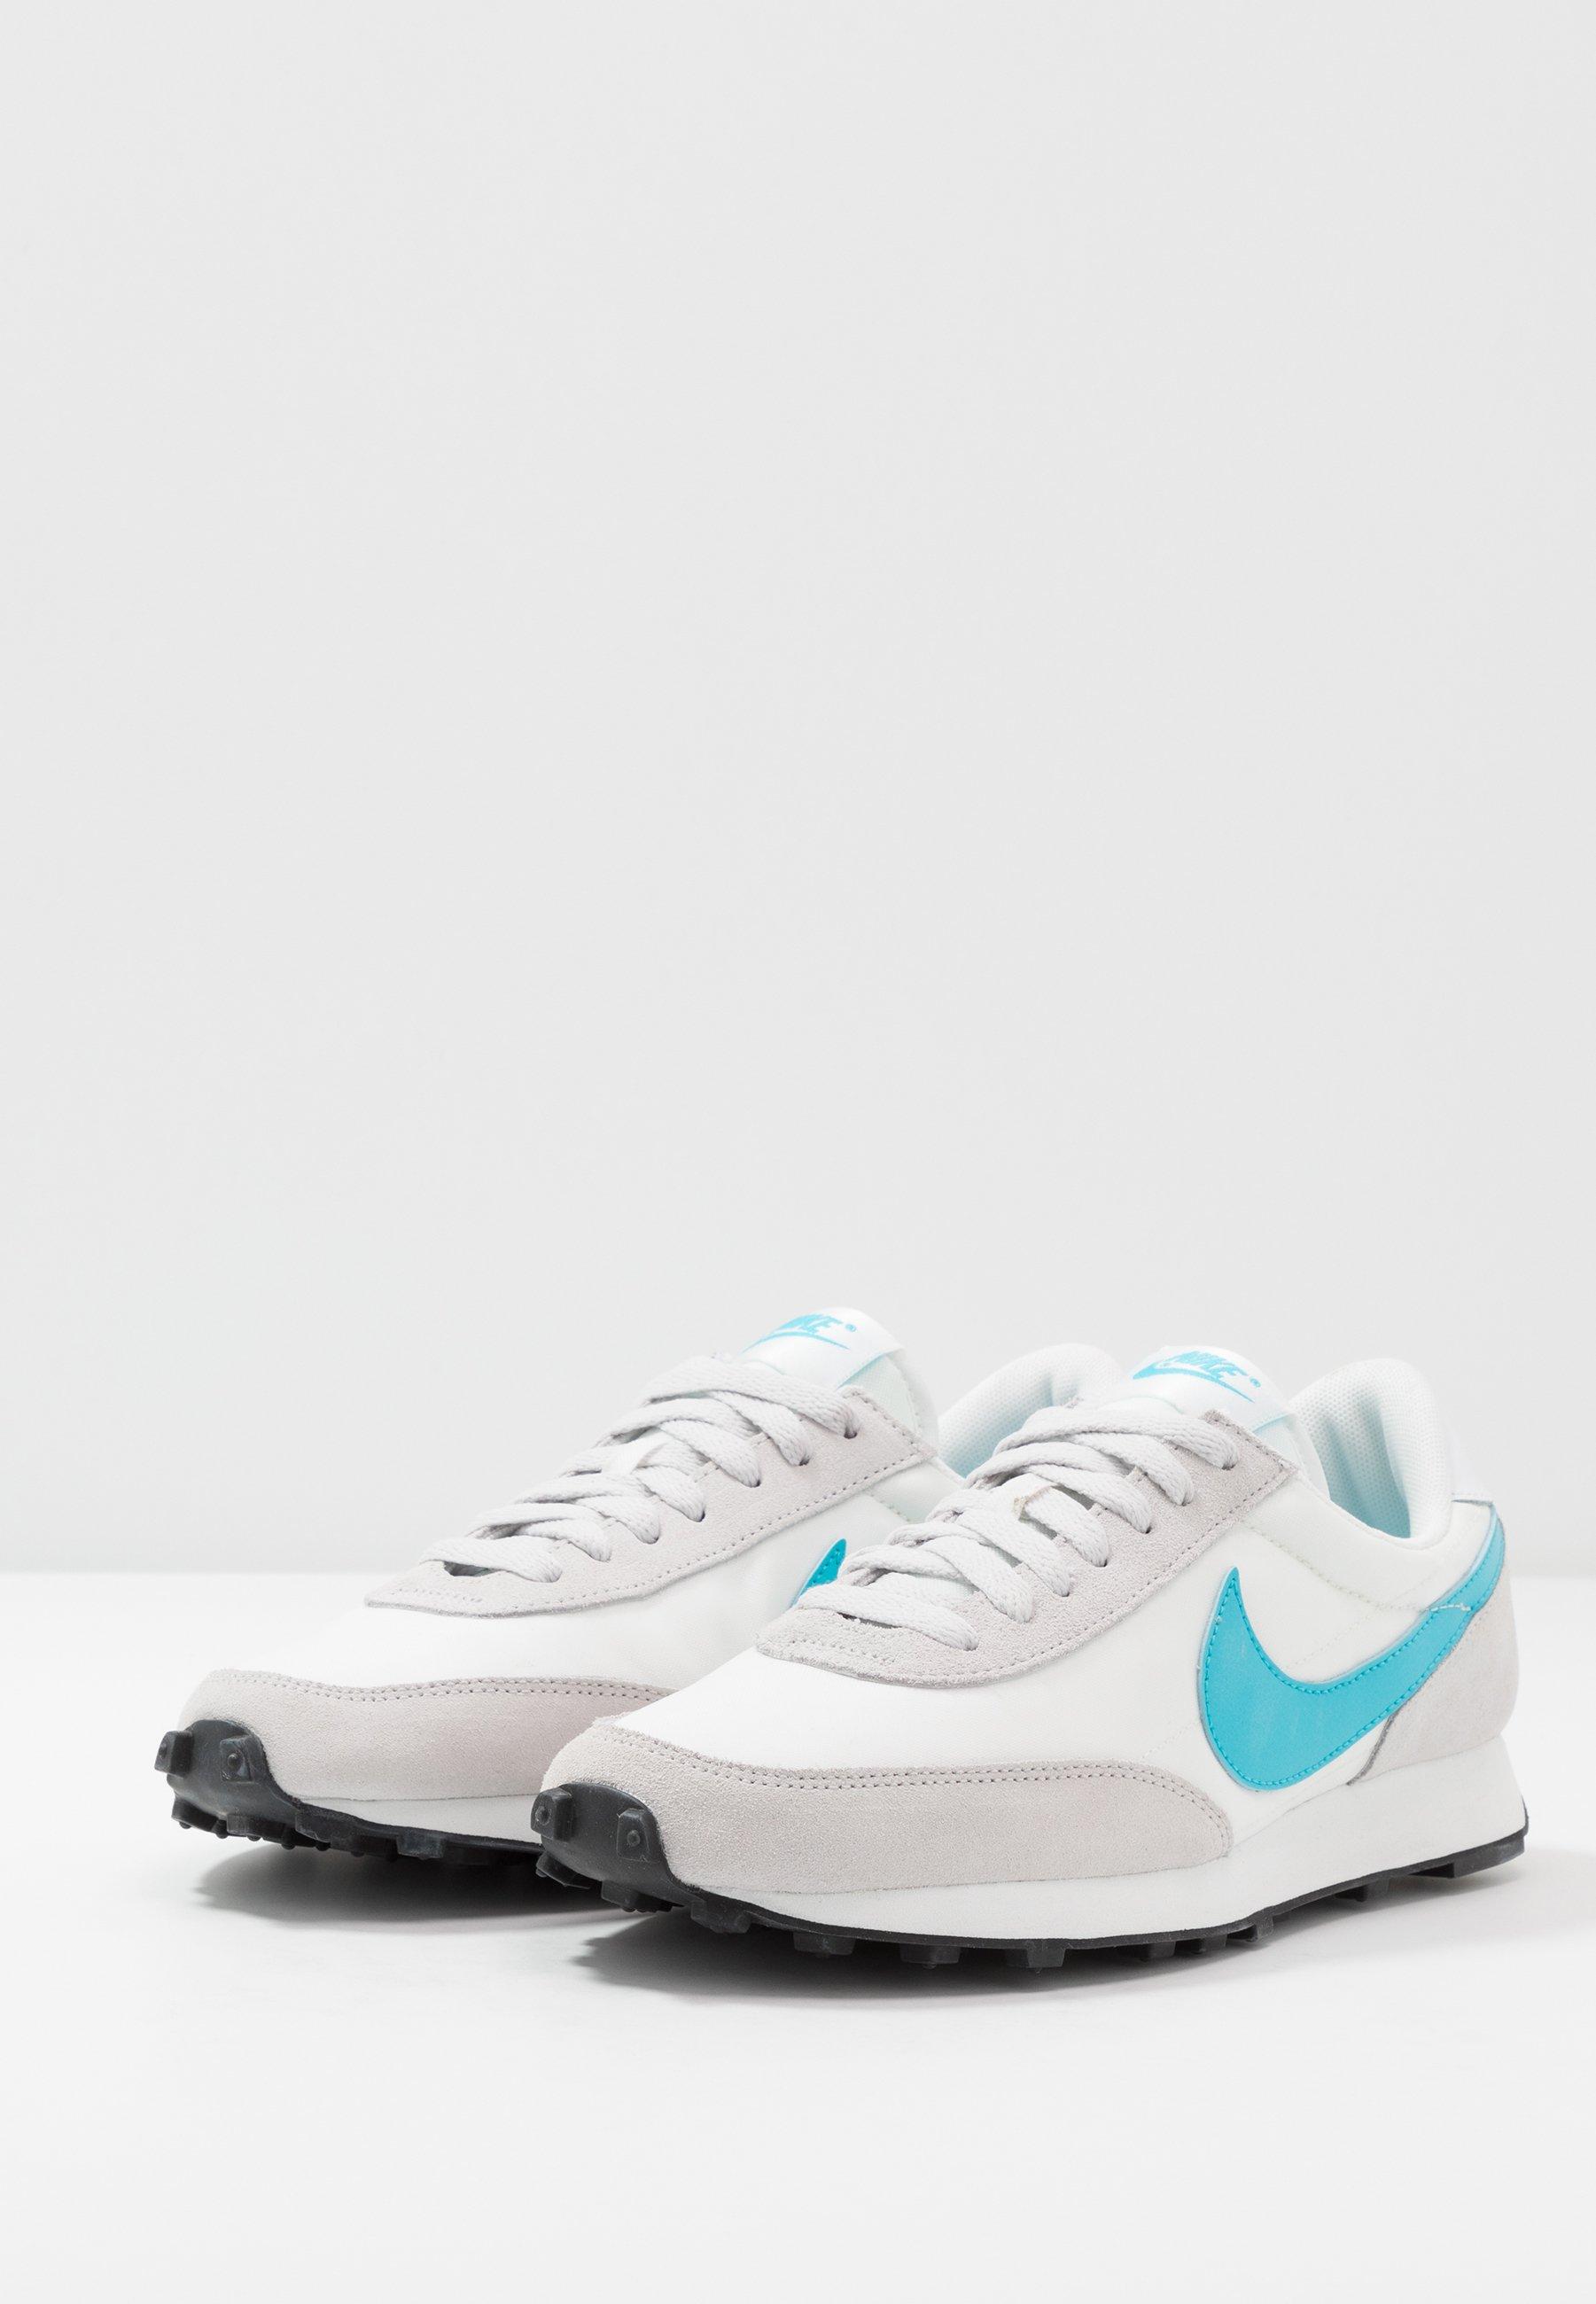 tanio Zniżka Nike Sportswear DAYBREAK - Sneakersy niskie - vast grey/blue fury/summit white/white/black   Obuwie damskie 2020 6GAvw